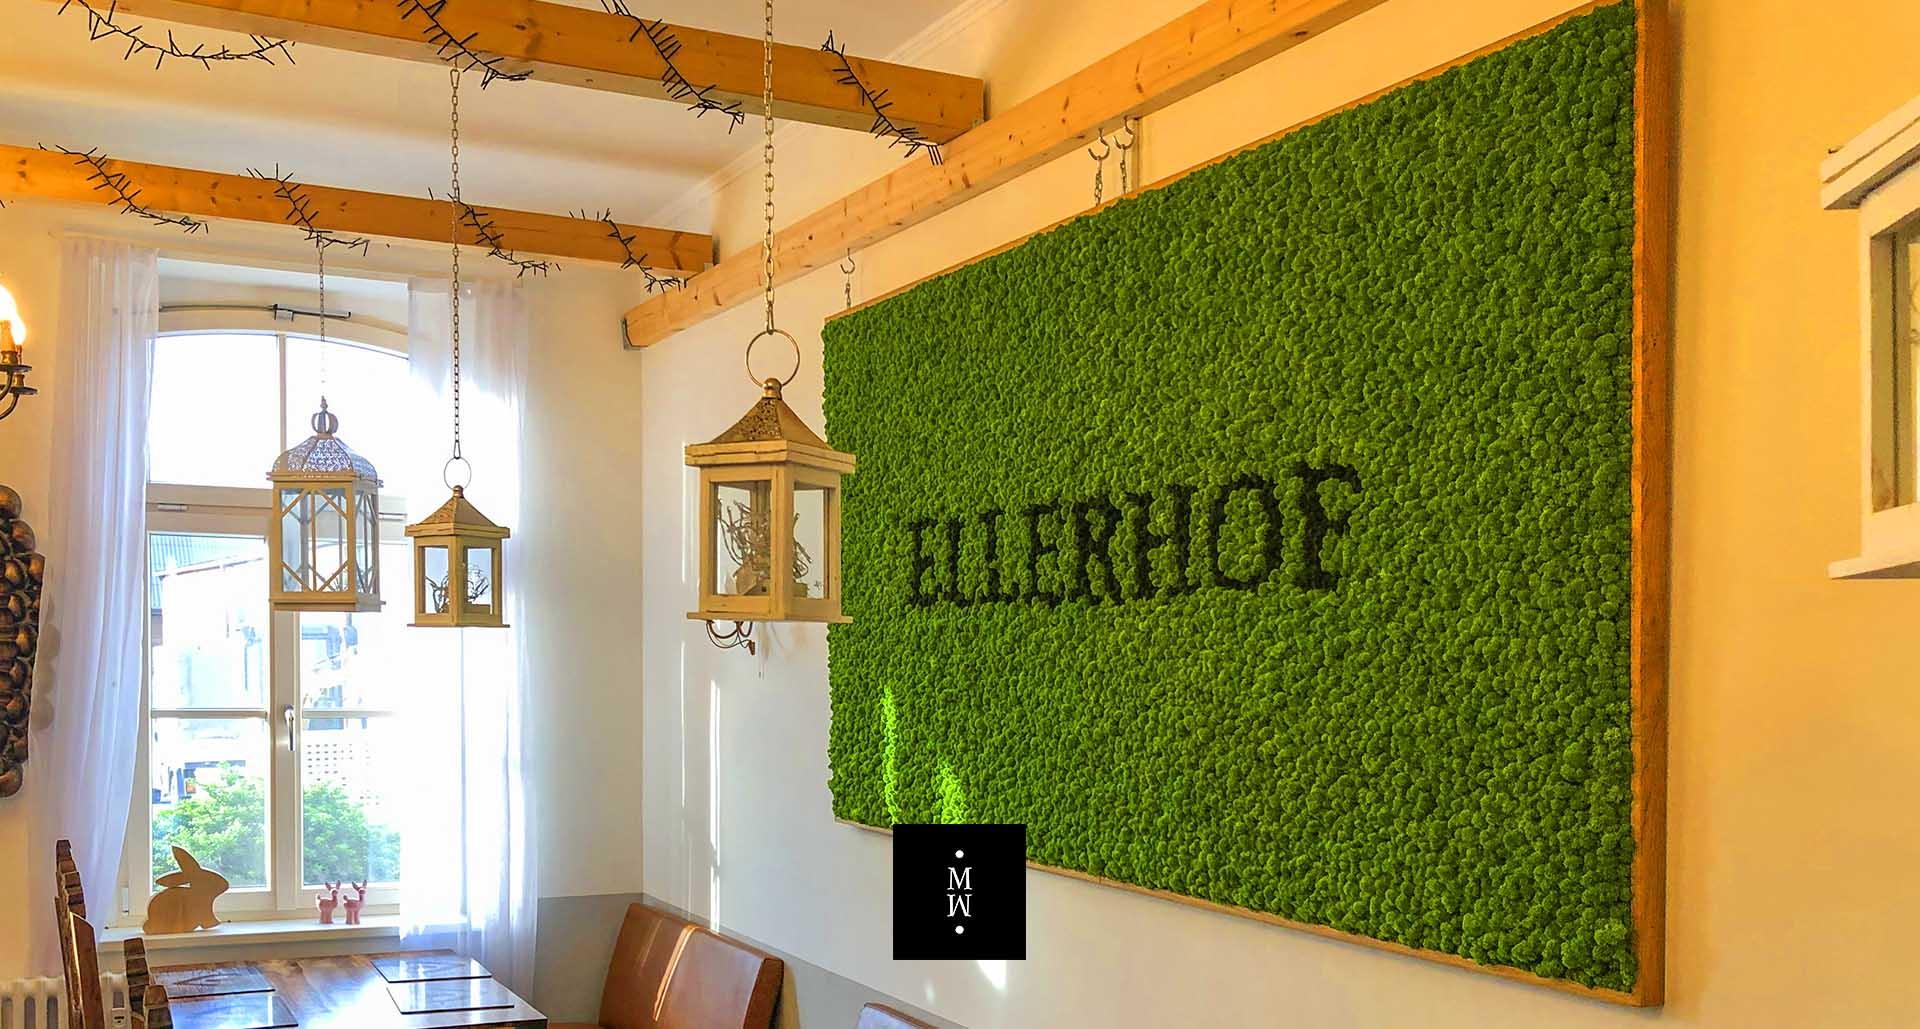 Moosbild aus Islandmoos mit Logo Restaurant Ellerhof